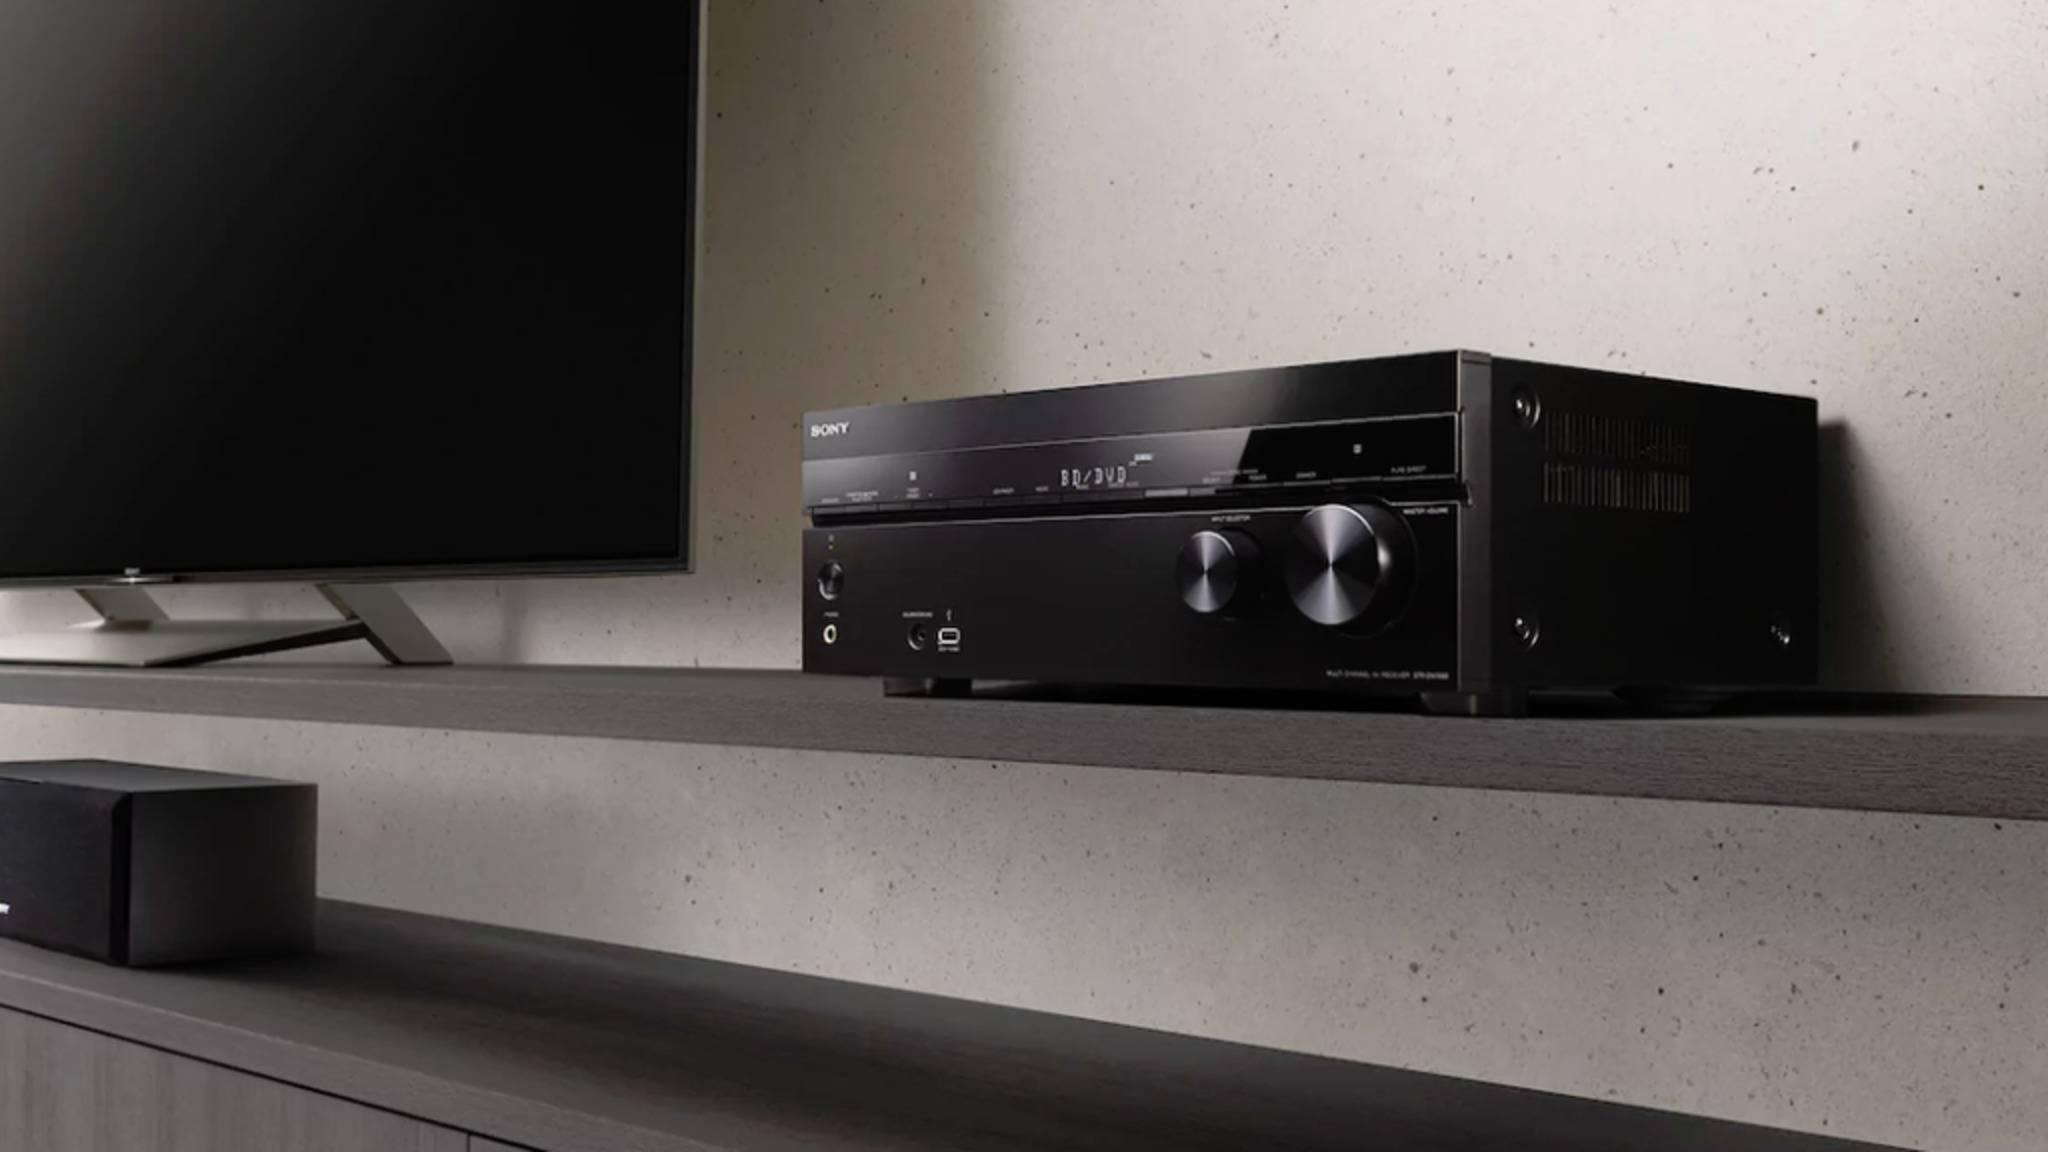 Erst mit einem AV-Receiver wie dem Sony STR-DN1080 ist das Heimkino komplett.